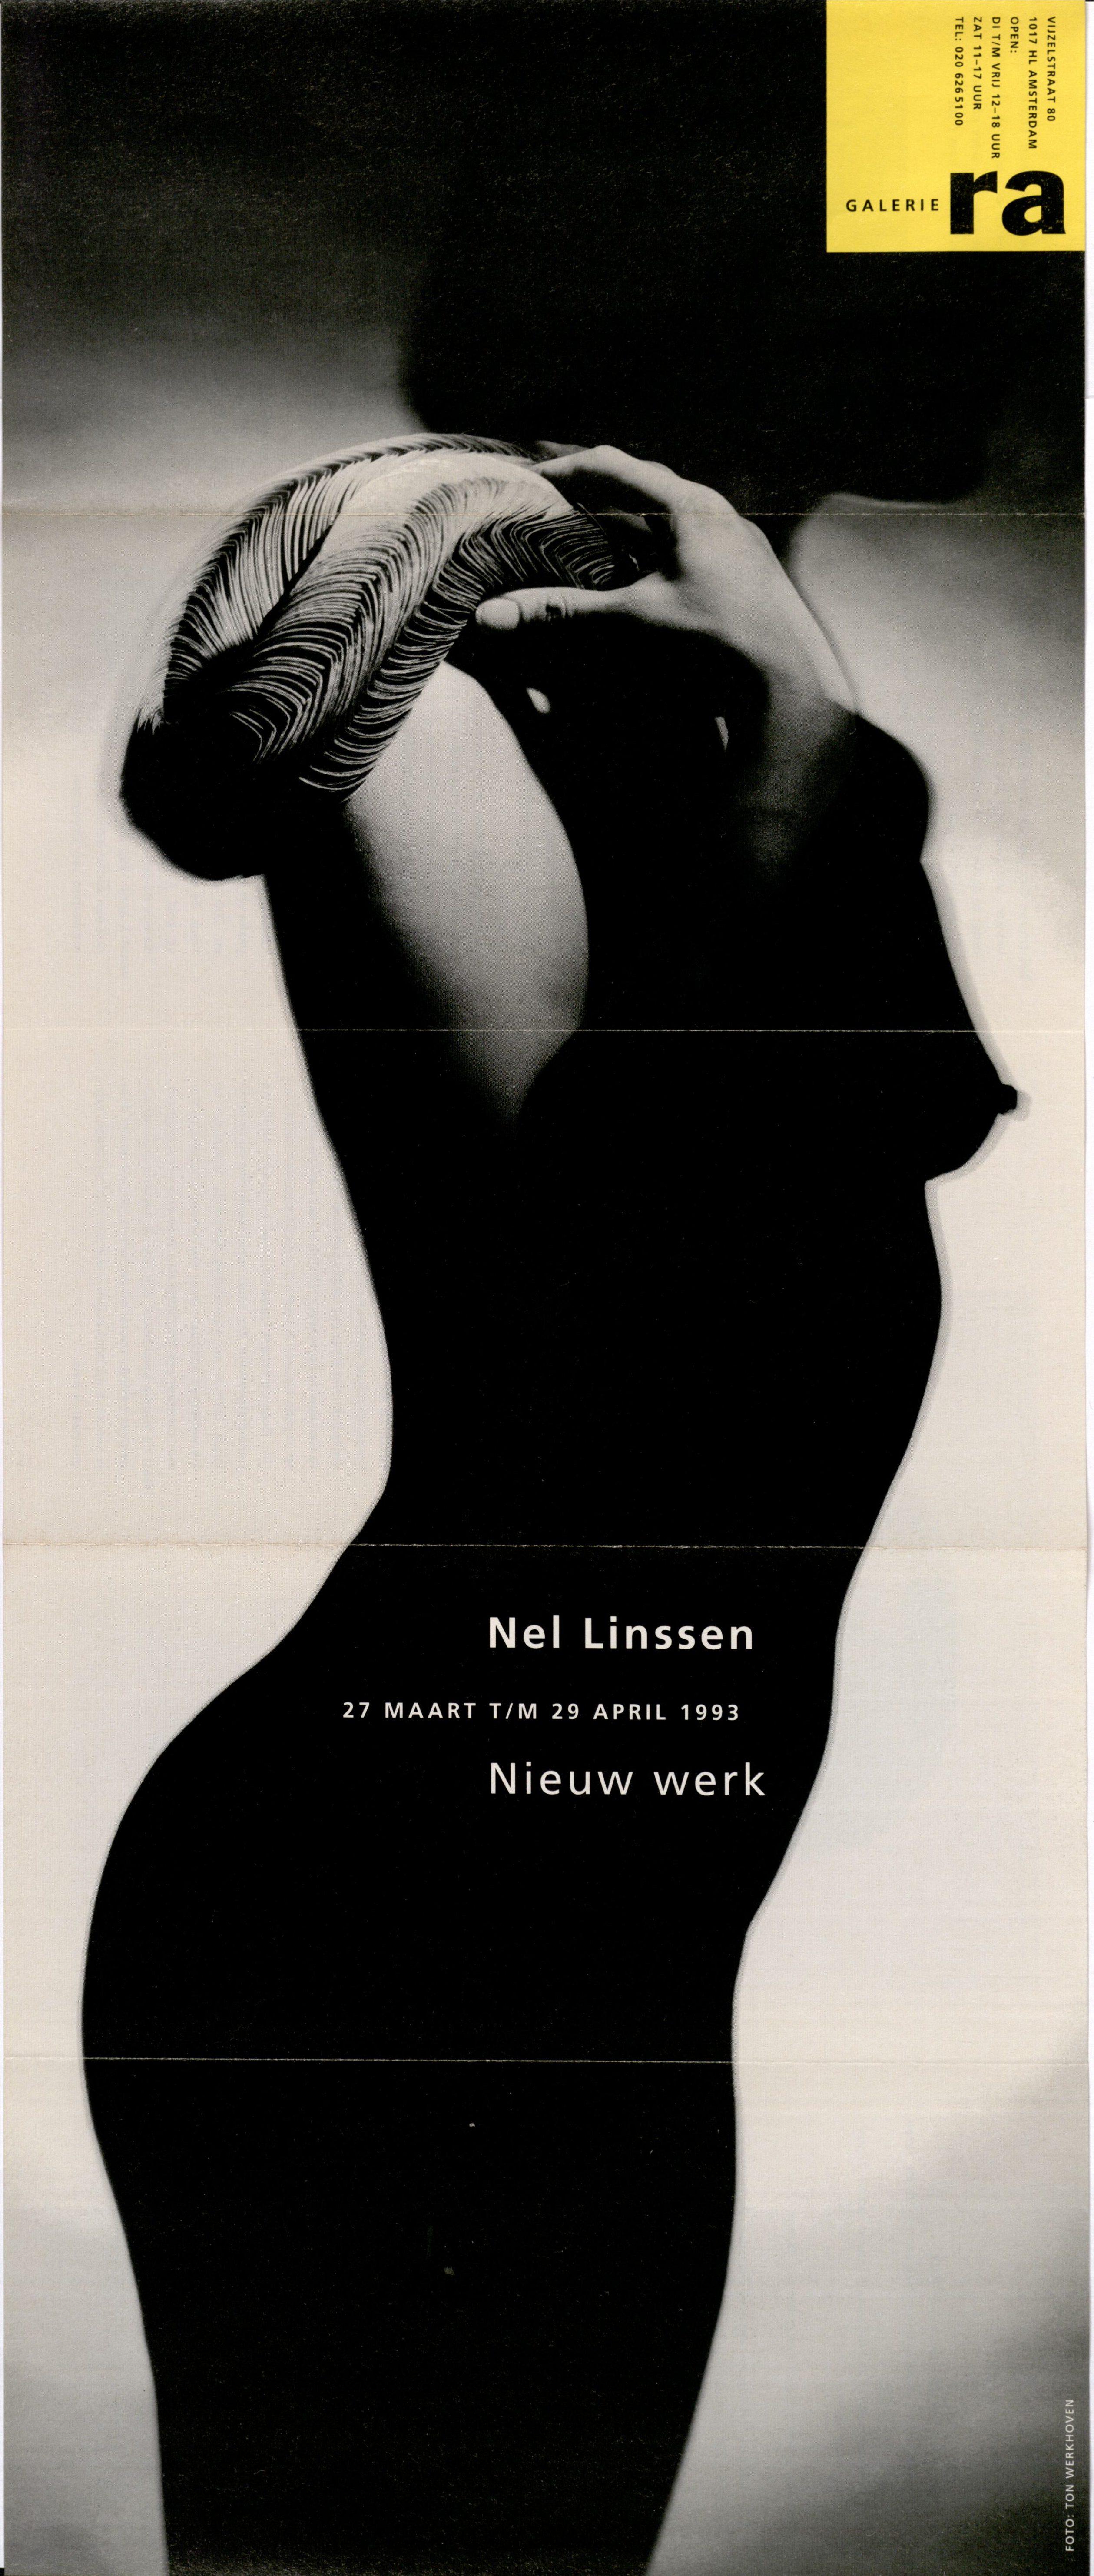 Ra Bulletin 72, maart 1993, voorzijde met foto van Ton Werkhoven met sieraad van Nel Linssen, drukwerk, papier, gelamineerd papier